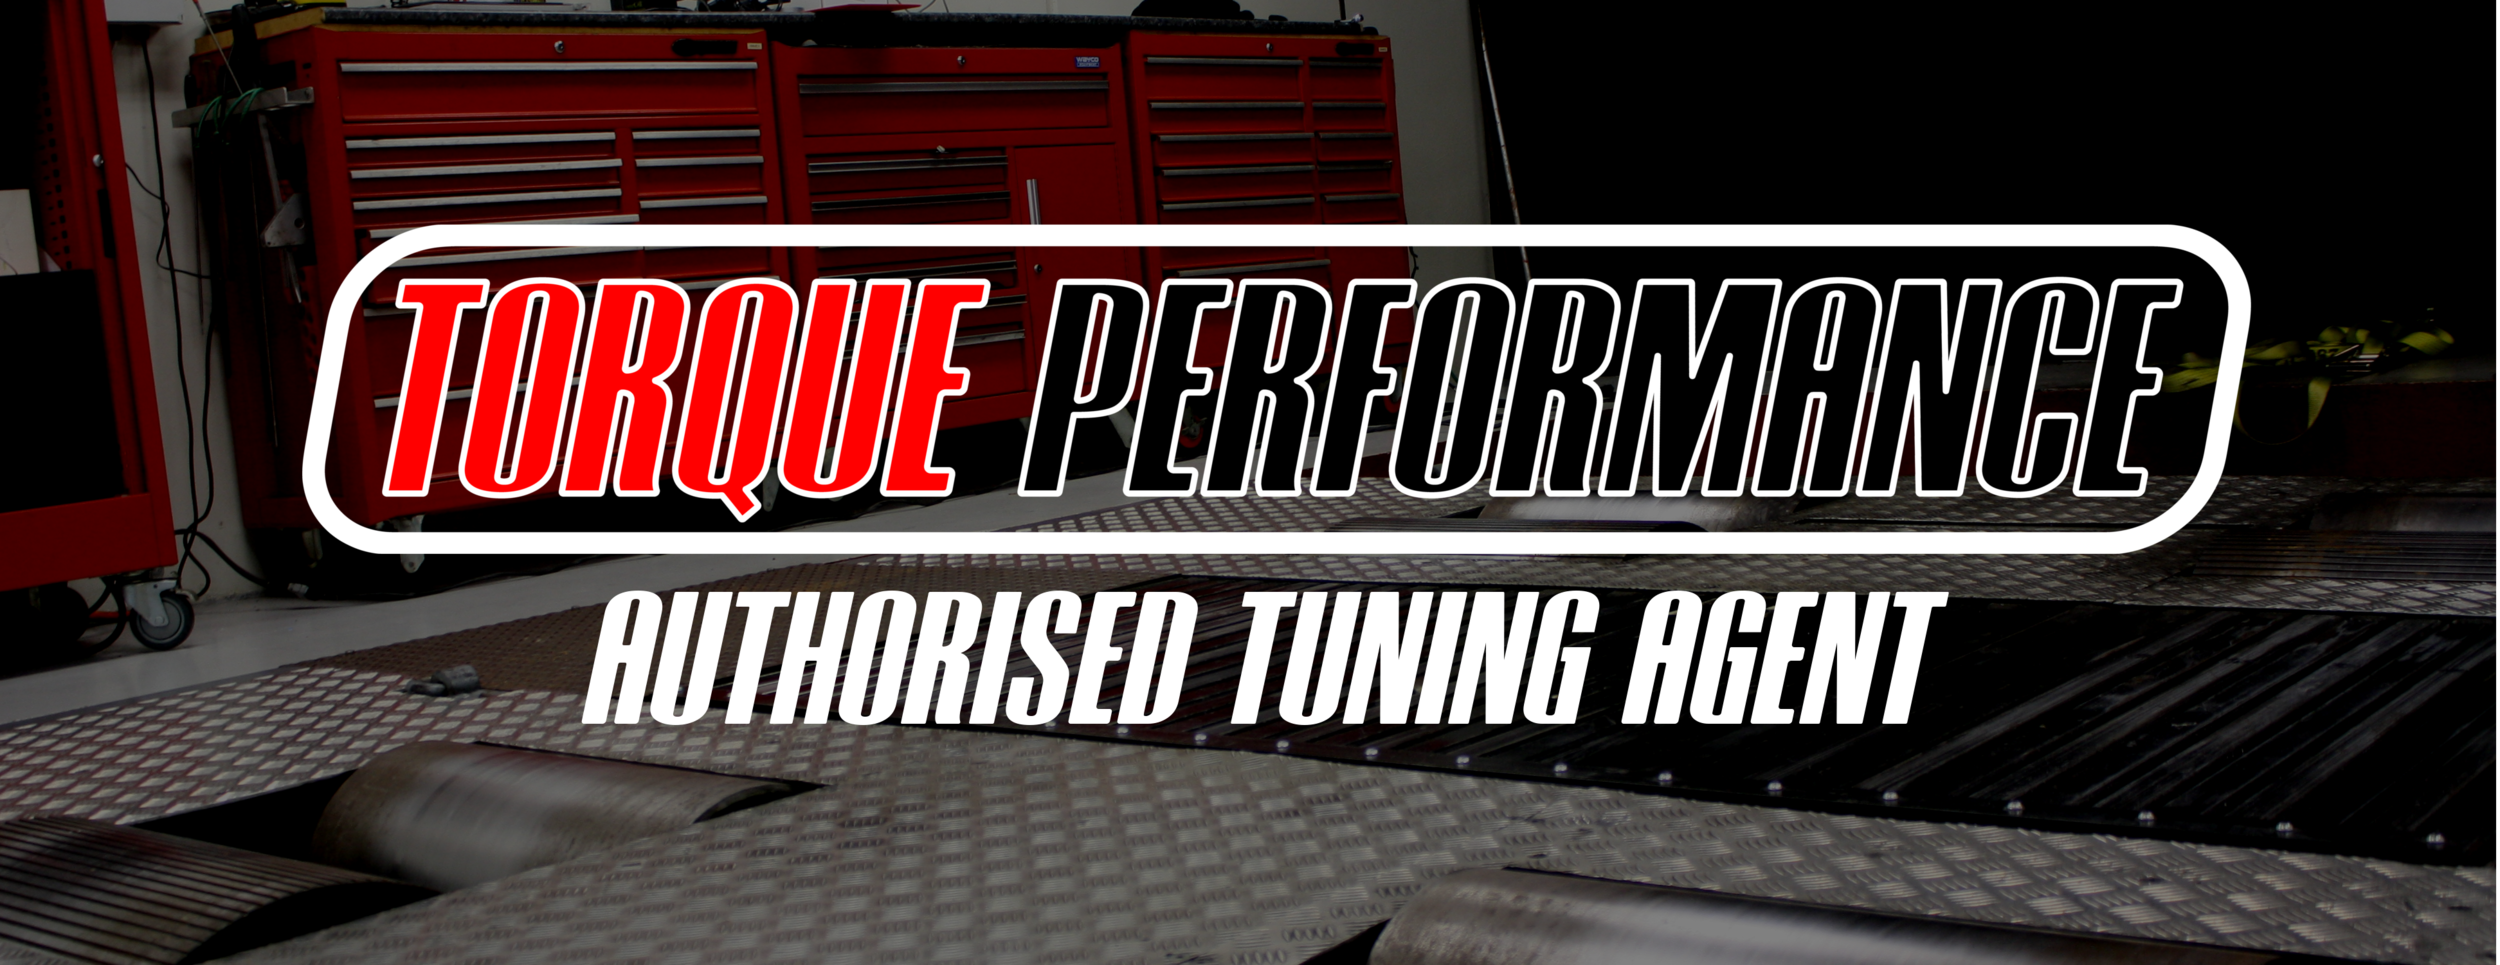 Torque Performance authorised tuning Agent